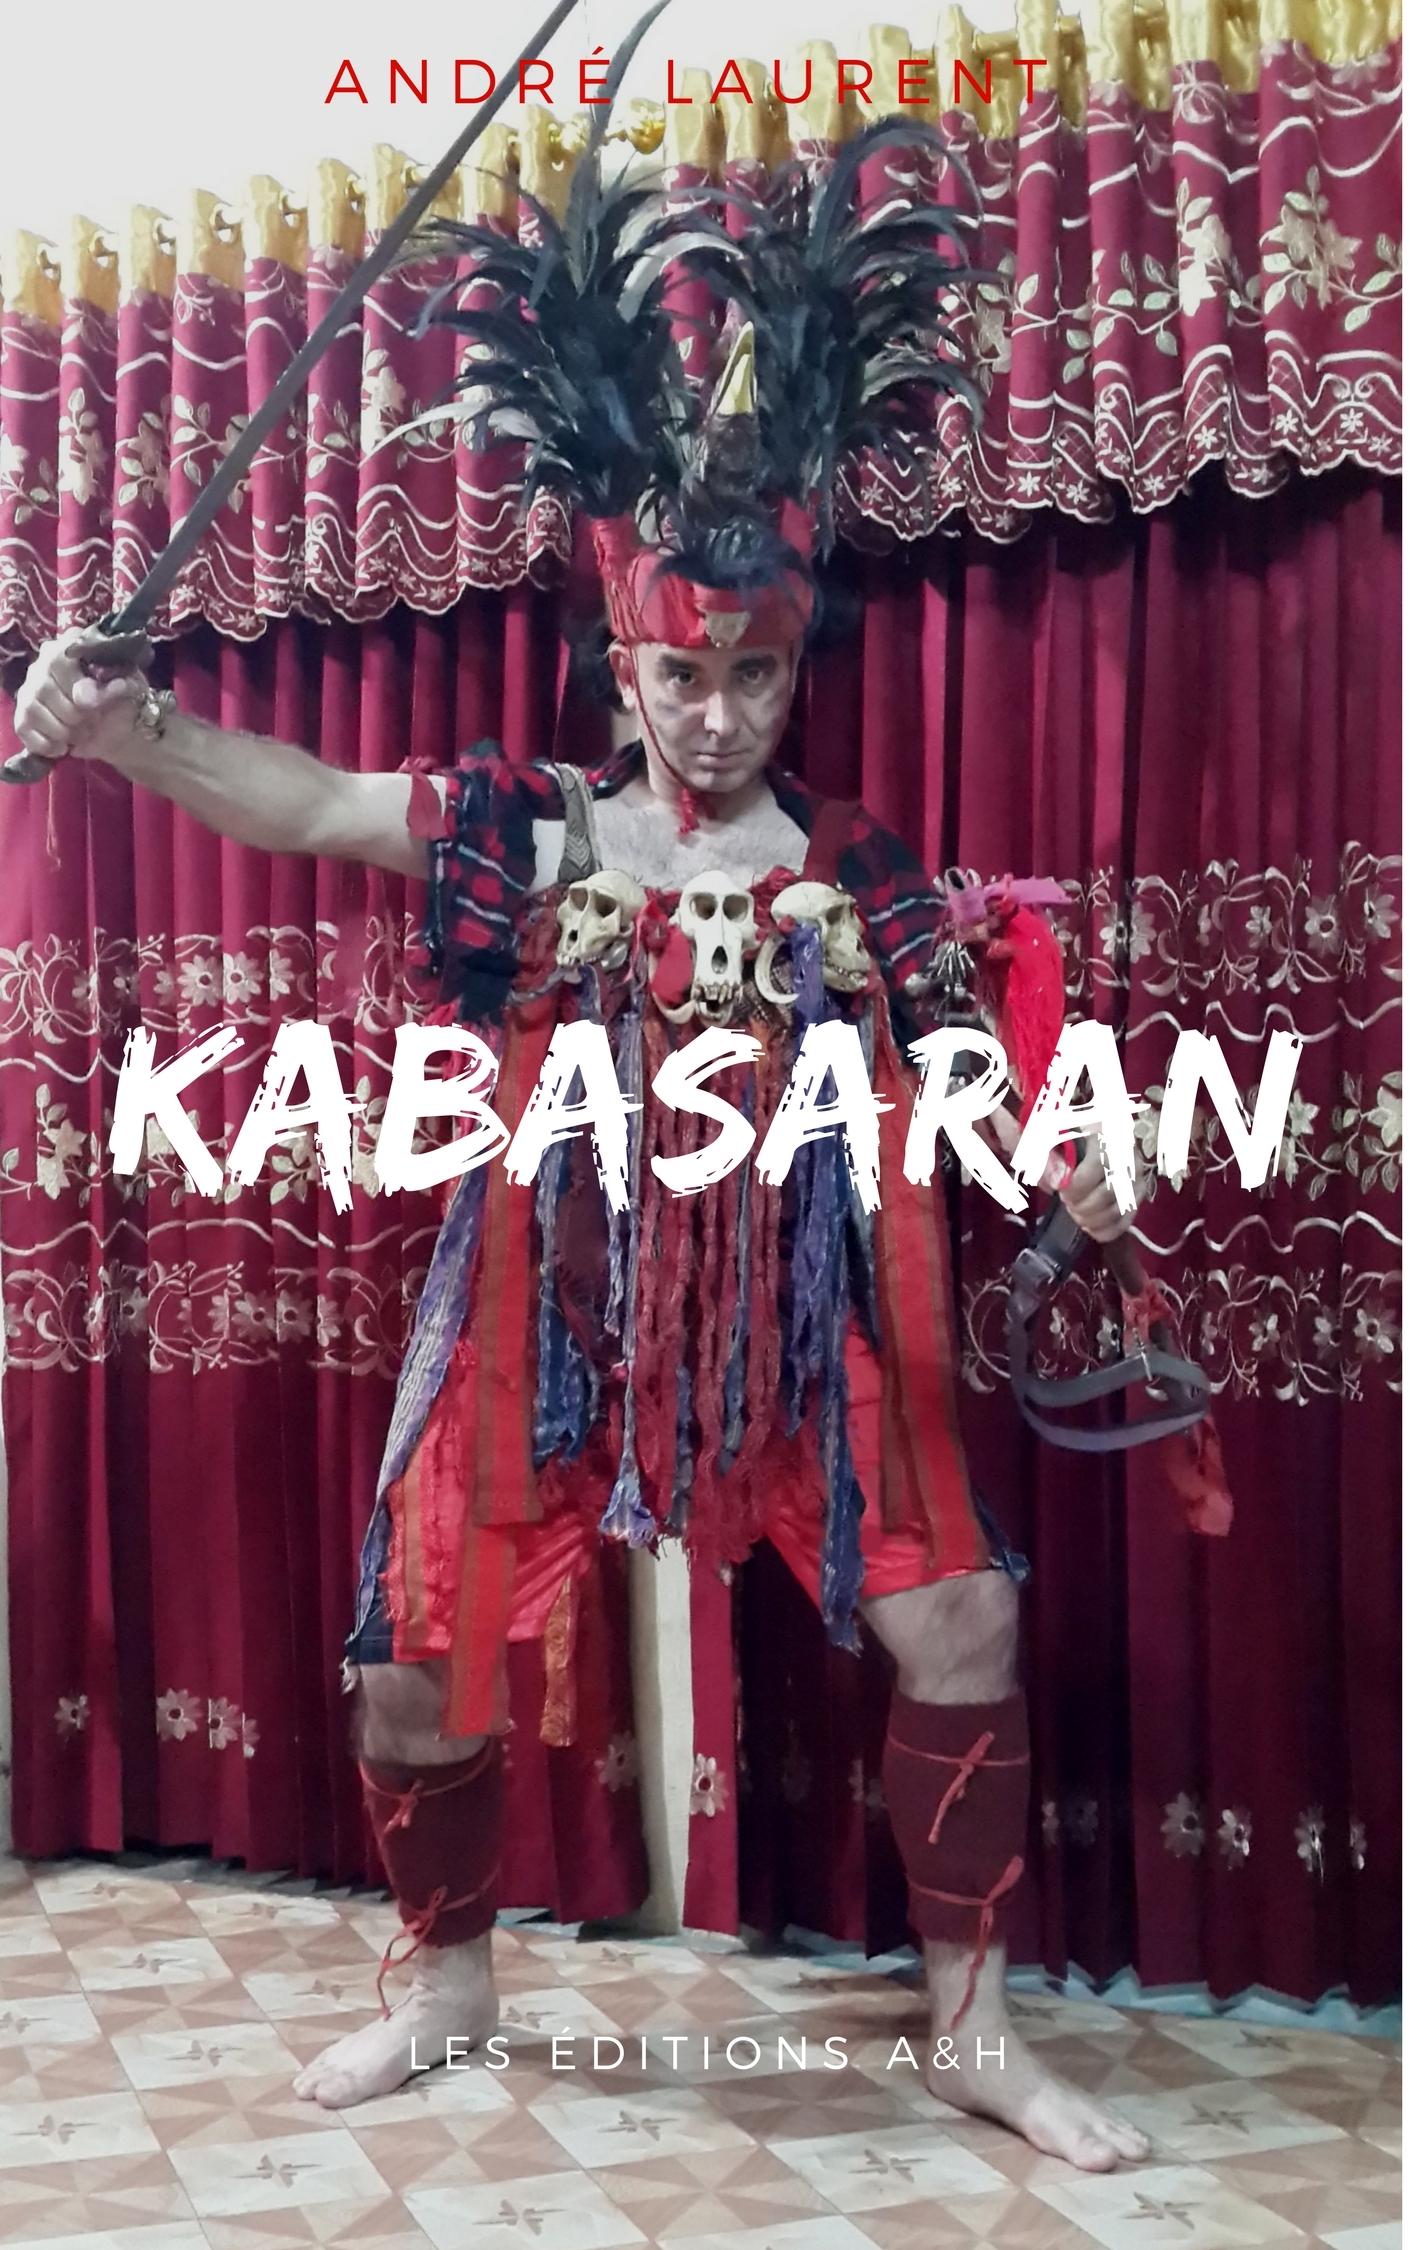 KABASARAN